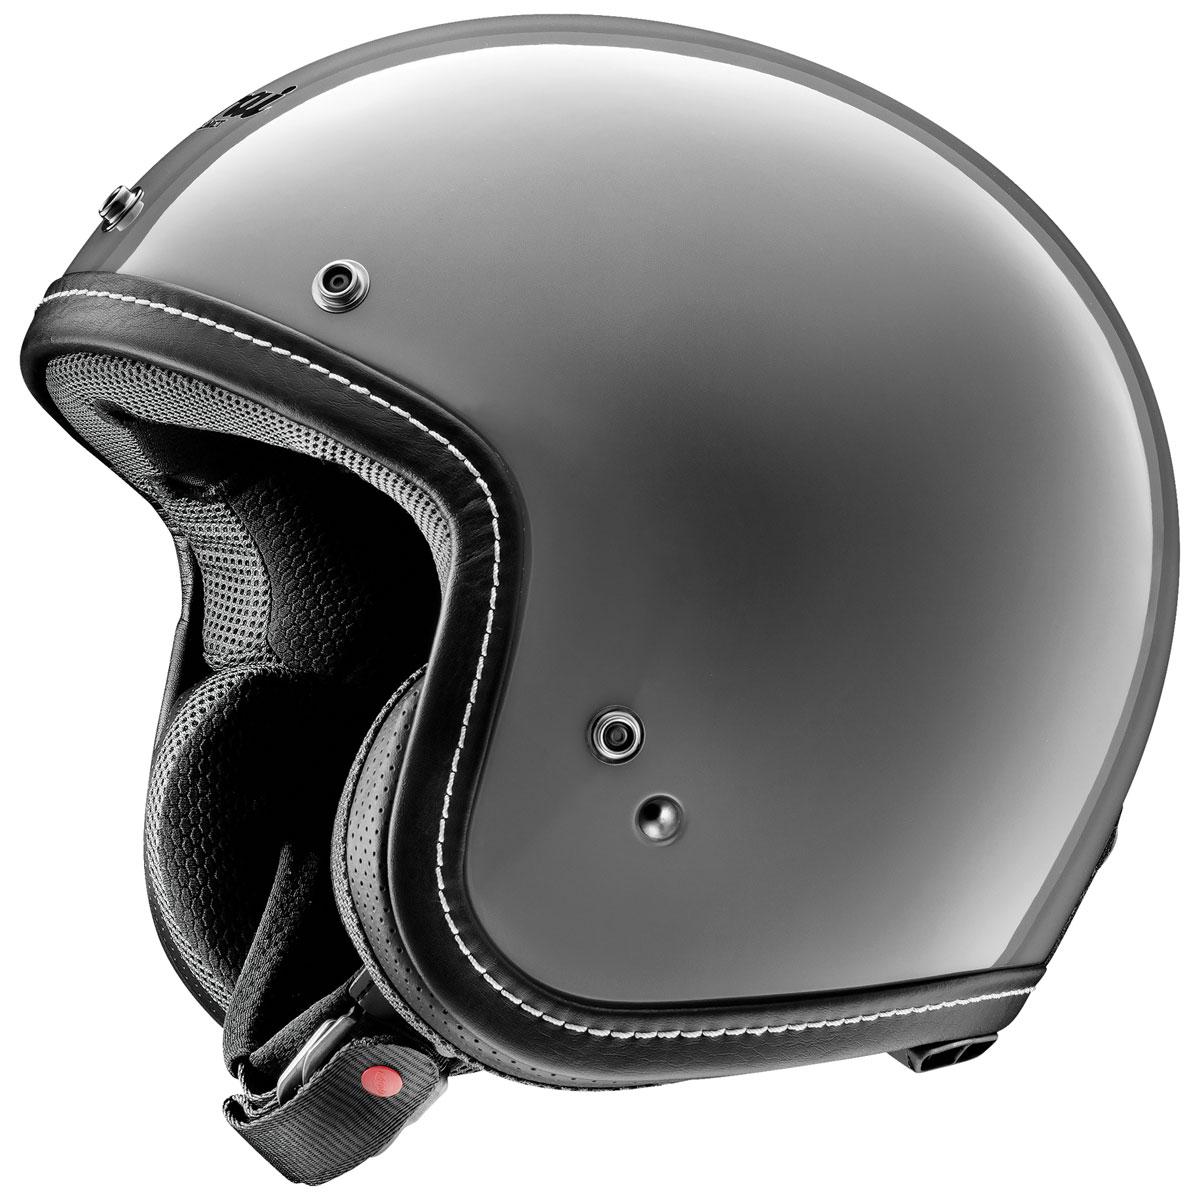 Arai Classic-V Modern Gray Open Face Helmet